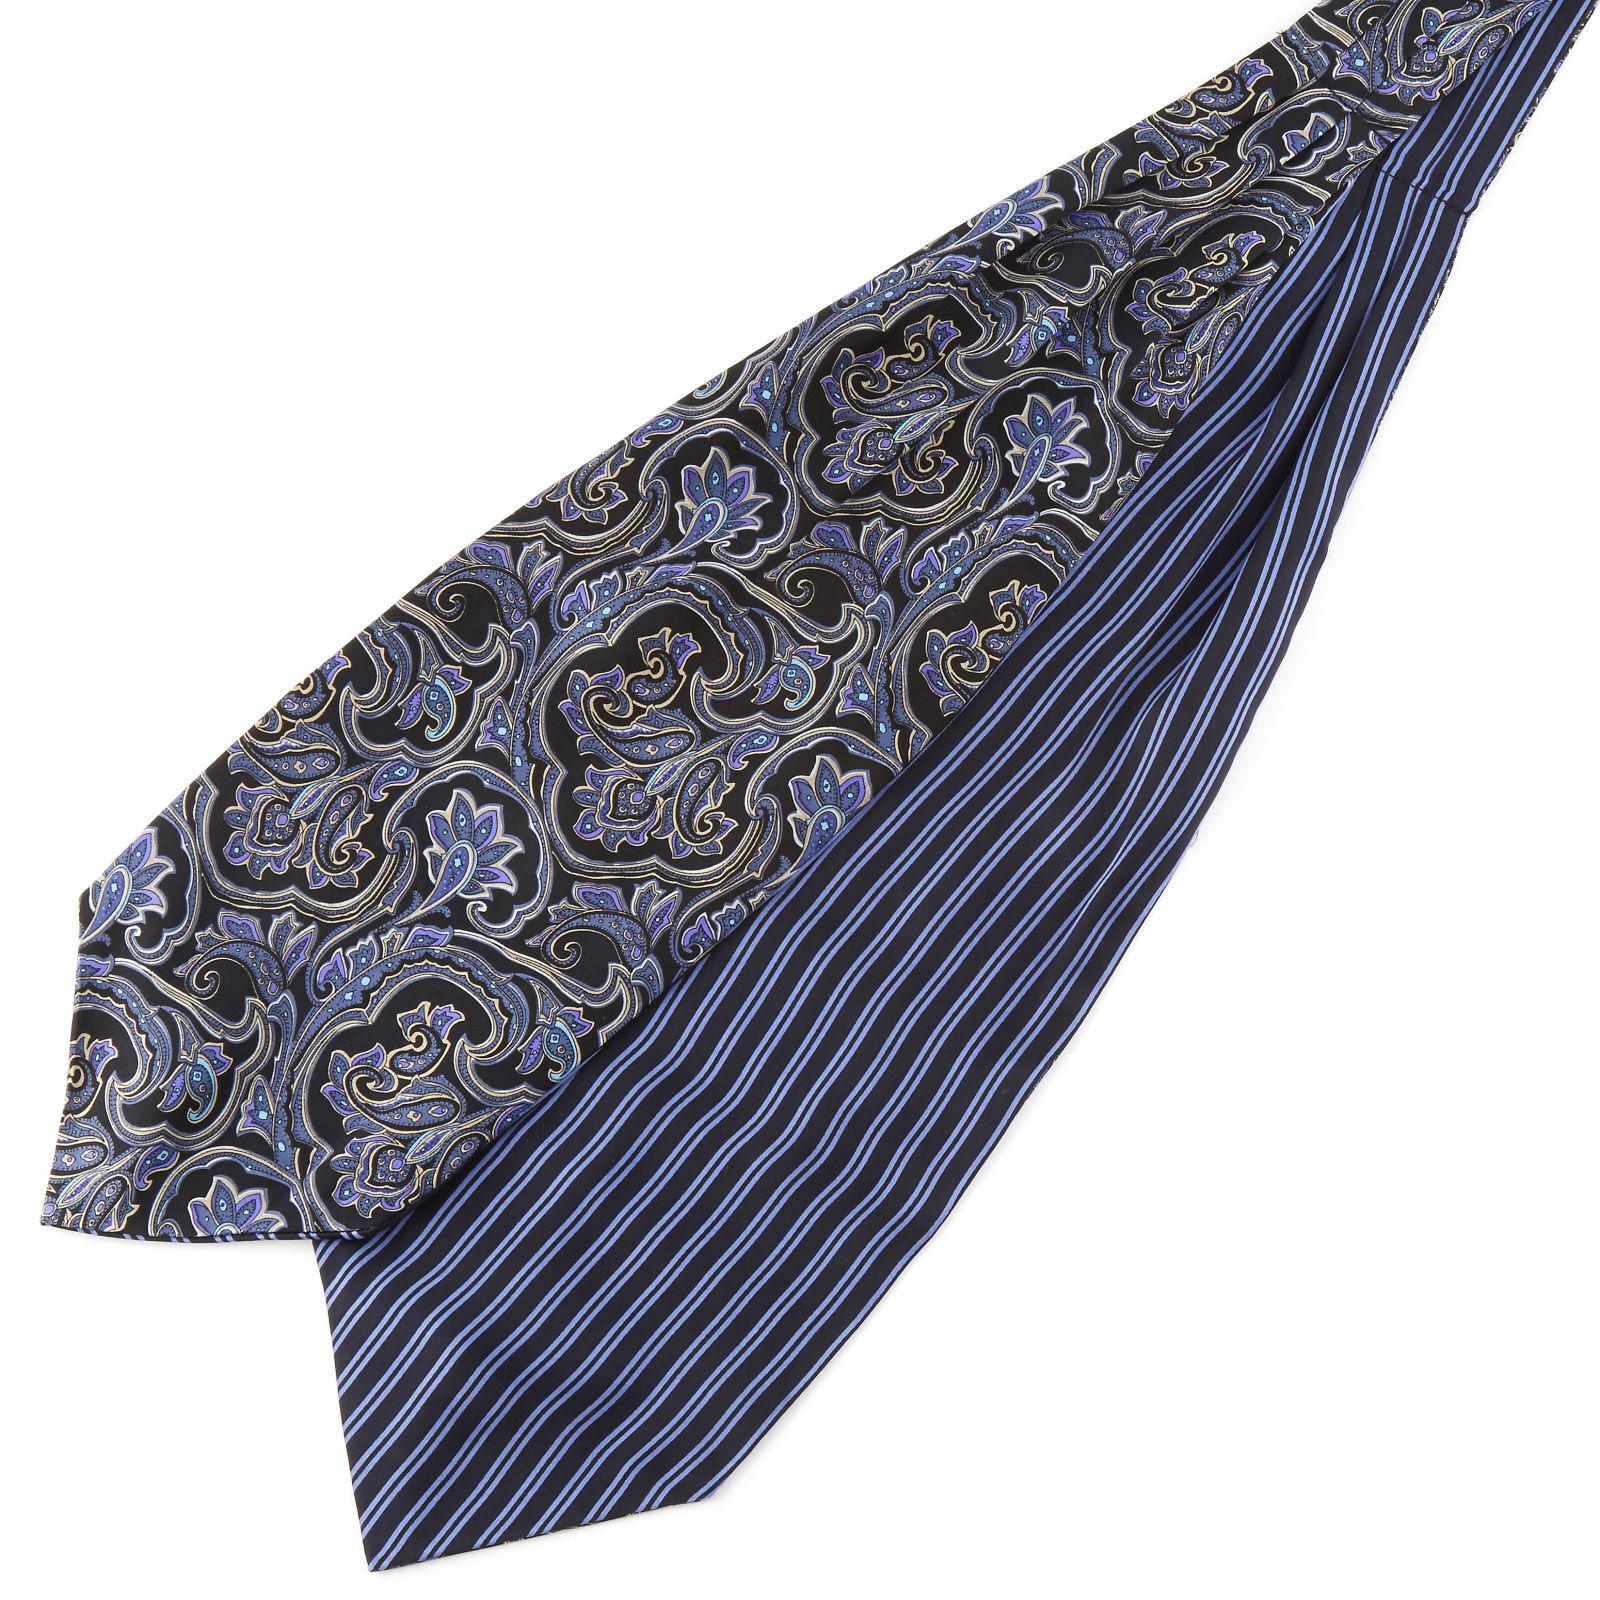 Tailor Toki Sininen raita & barokkityylinen silkki ascot-solmio